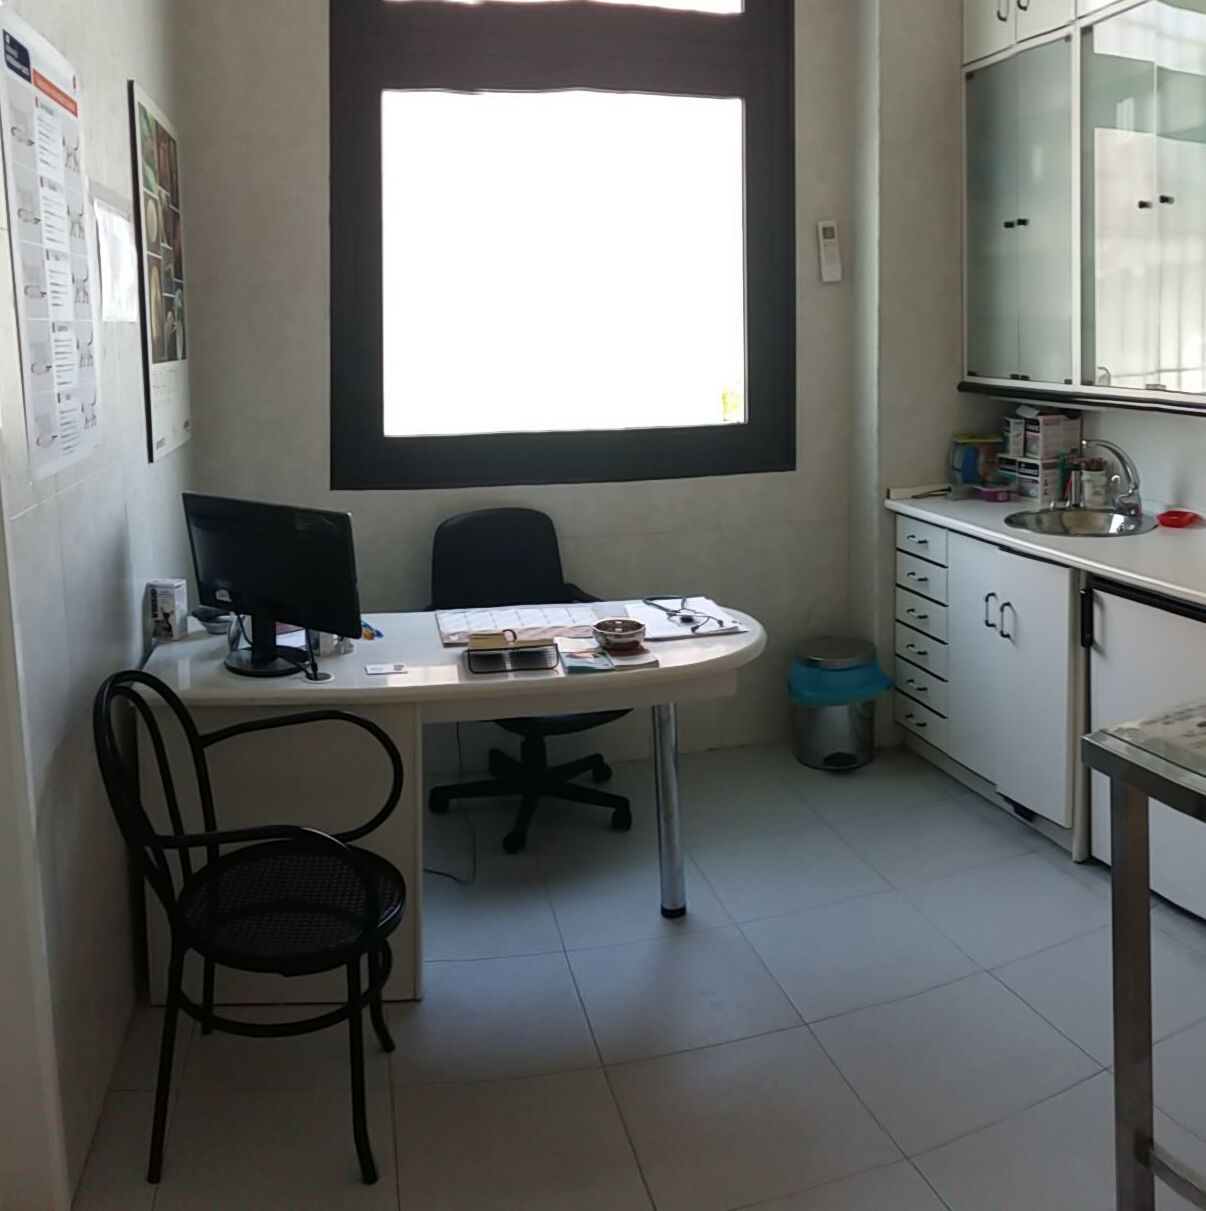 Consulta veterinaria mostoles http://www.veterinariosmostoles.com/es/